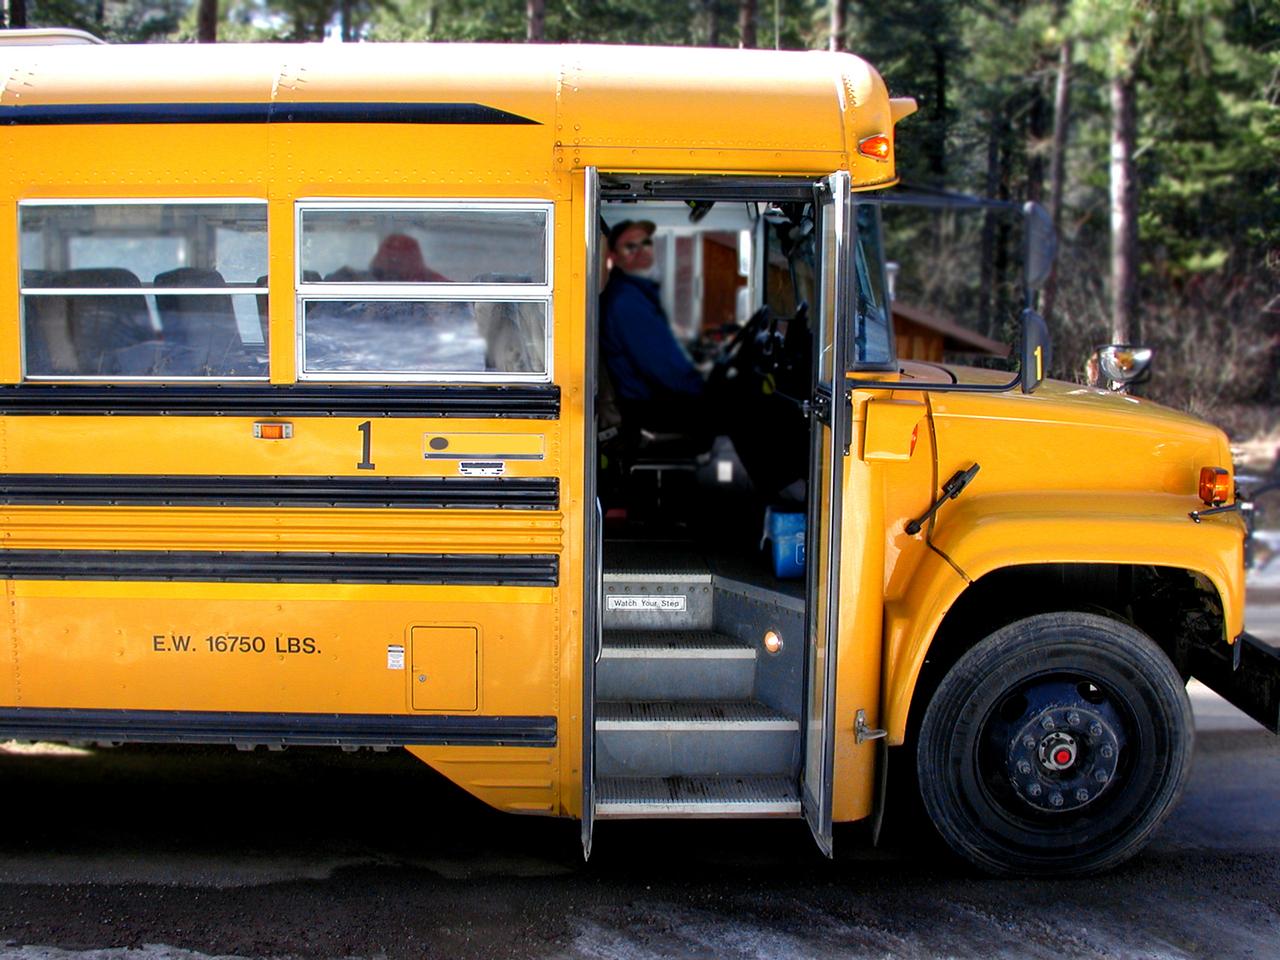 school-bus-1527162-1280x960.jpg